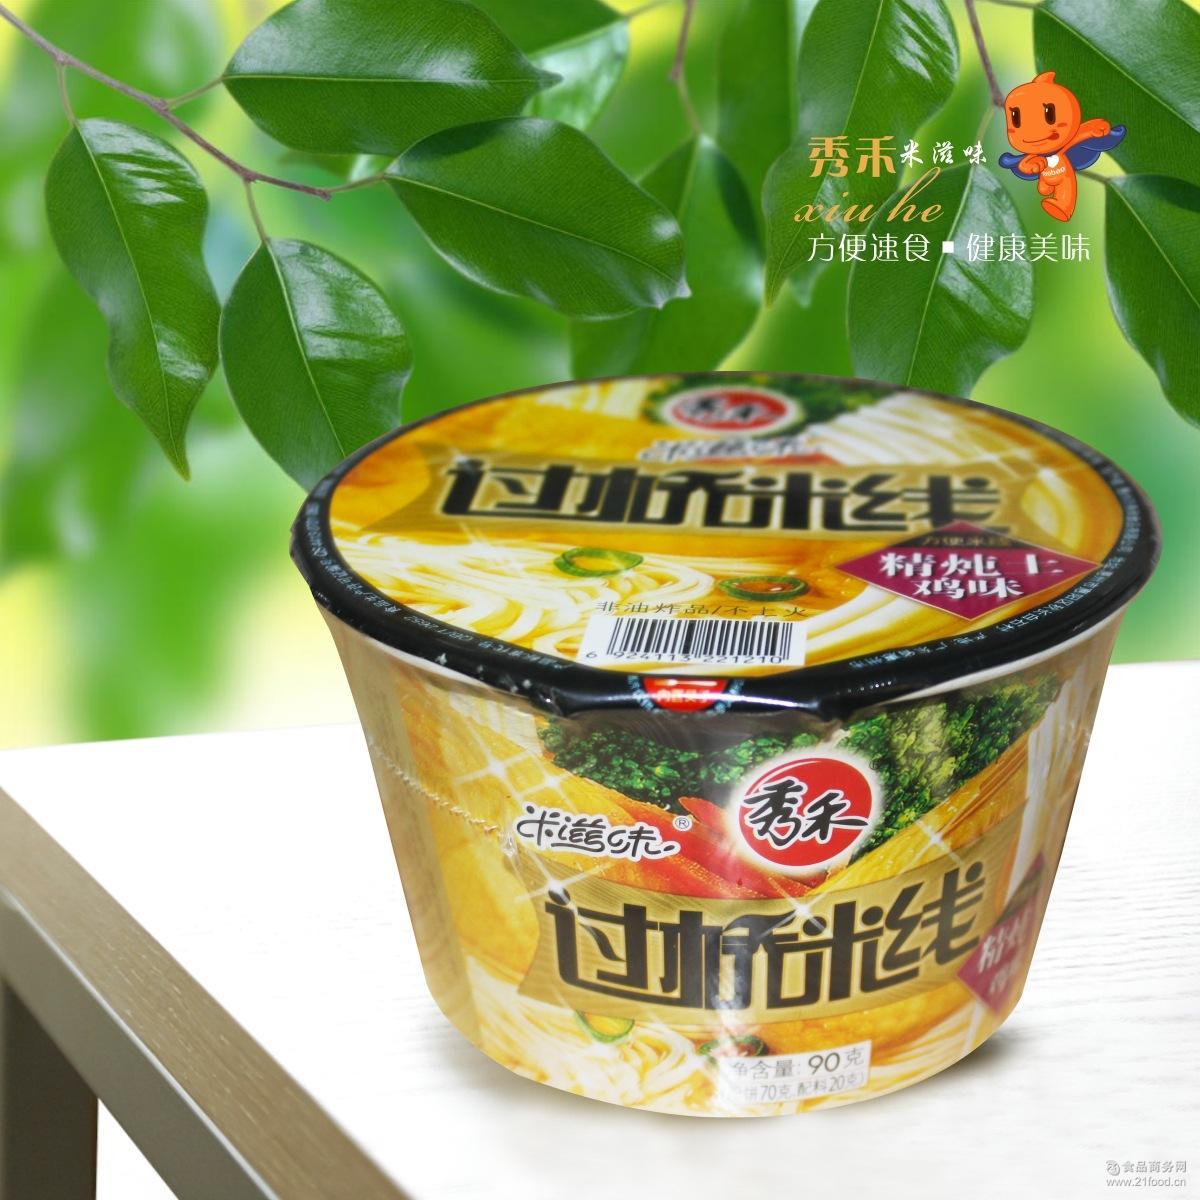 *出口 批发商超 精炖土鸡味 秀禾米滋味90g碗装即食过桥米线